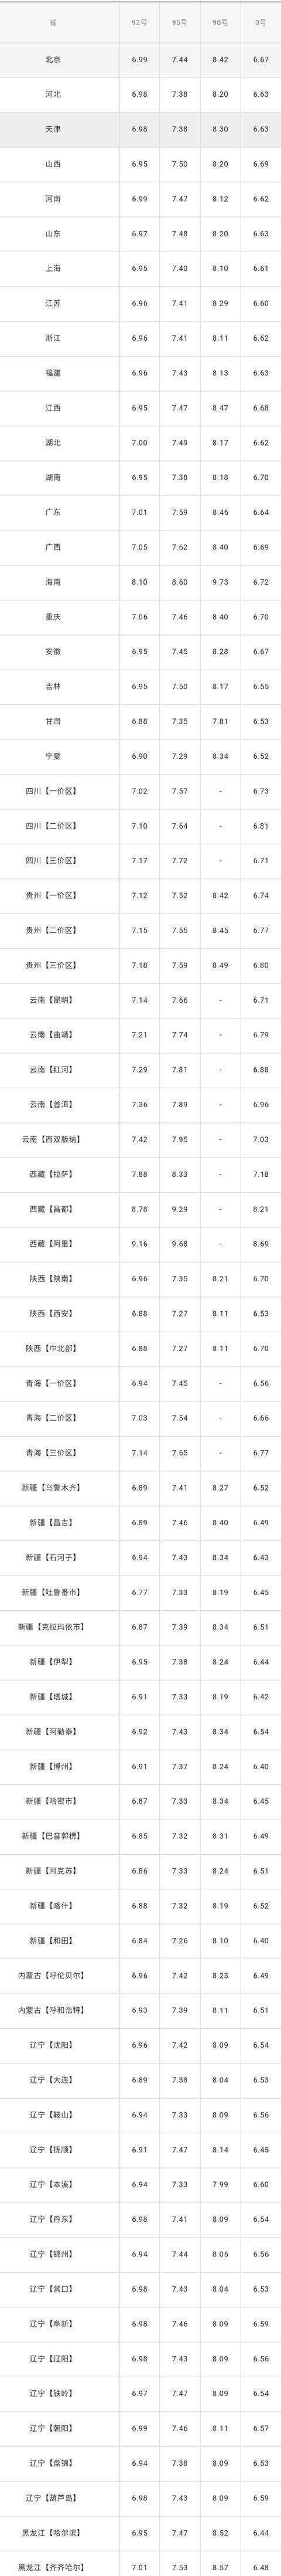 全国油价调整信息:1月15日调整后:全国92、95号汽油价格表